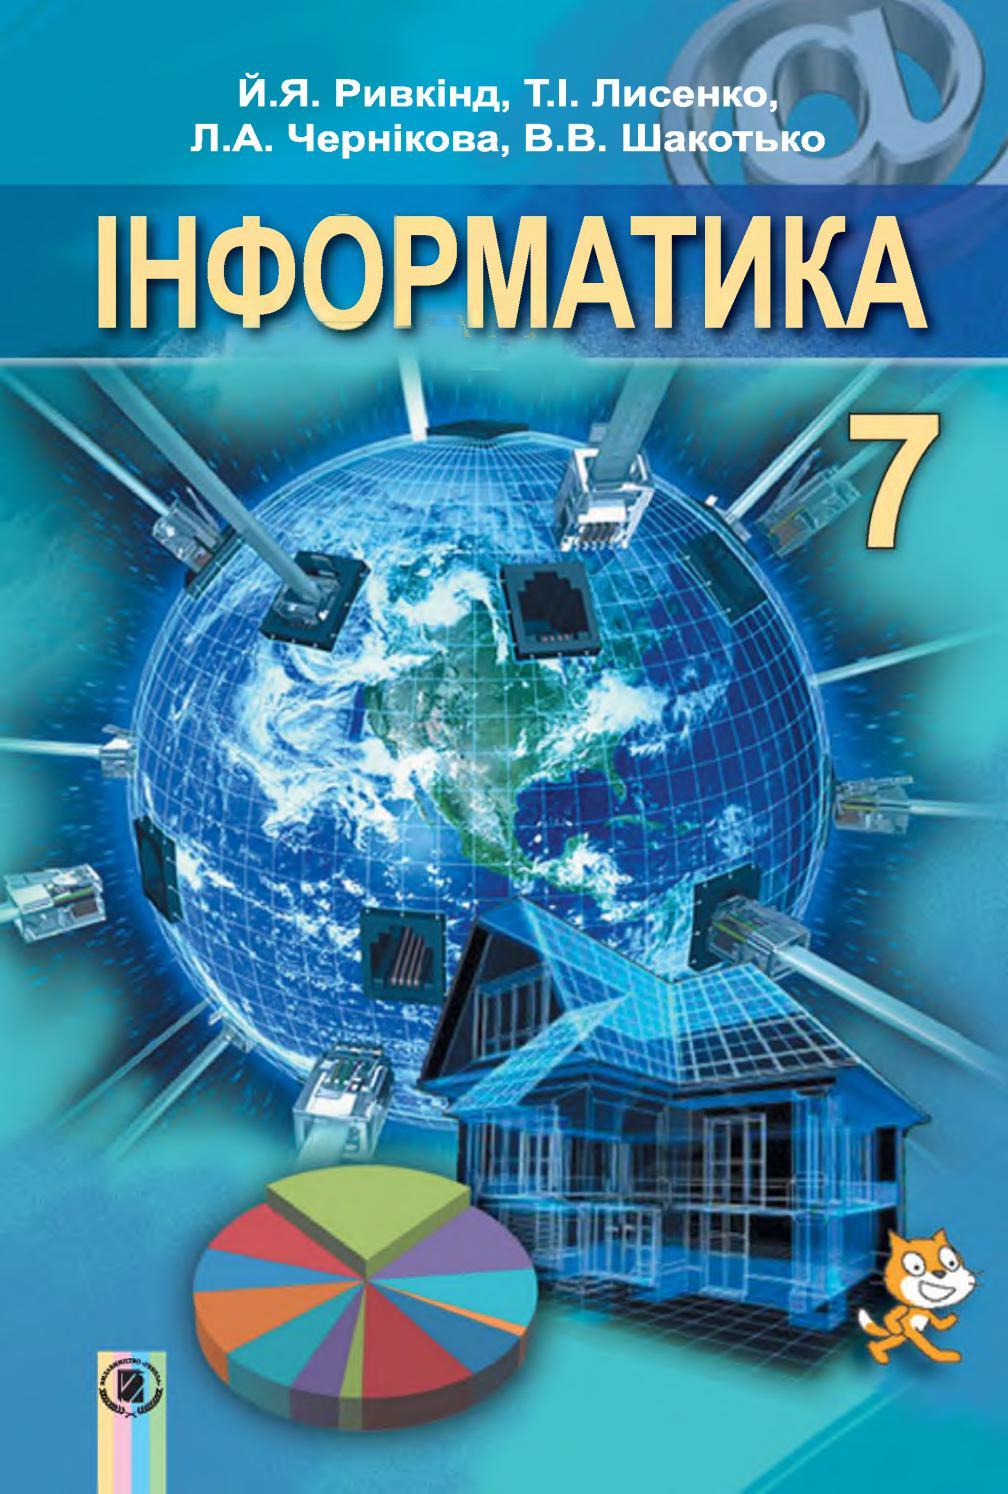 Інформатика 7 клас